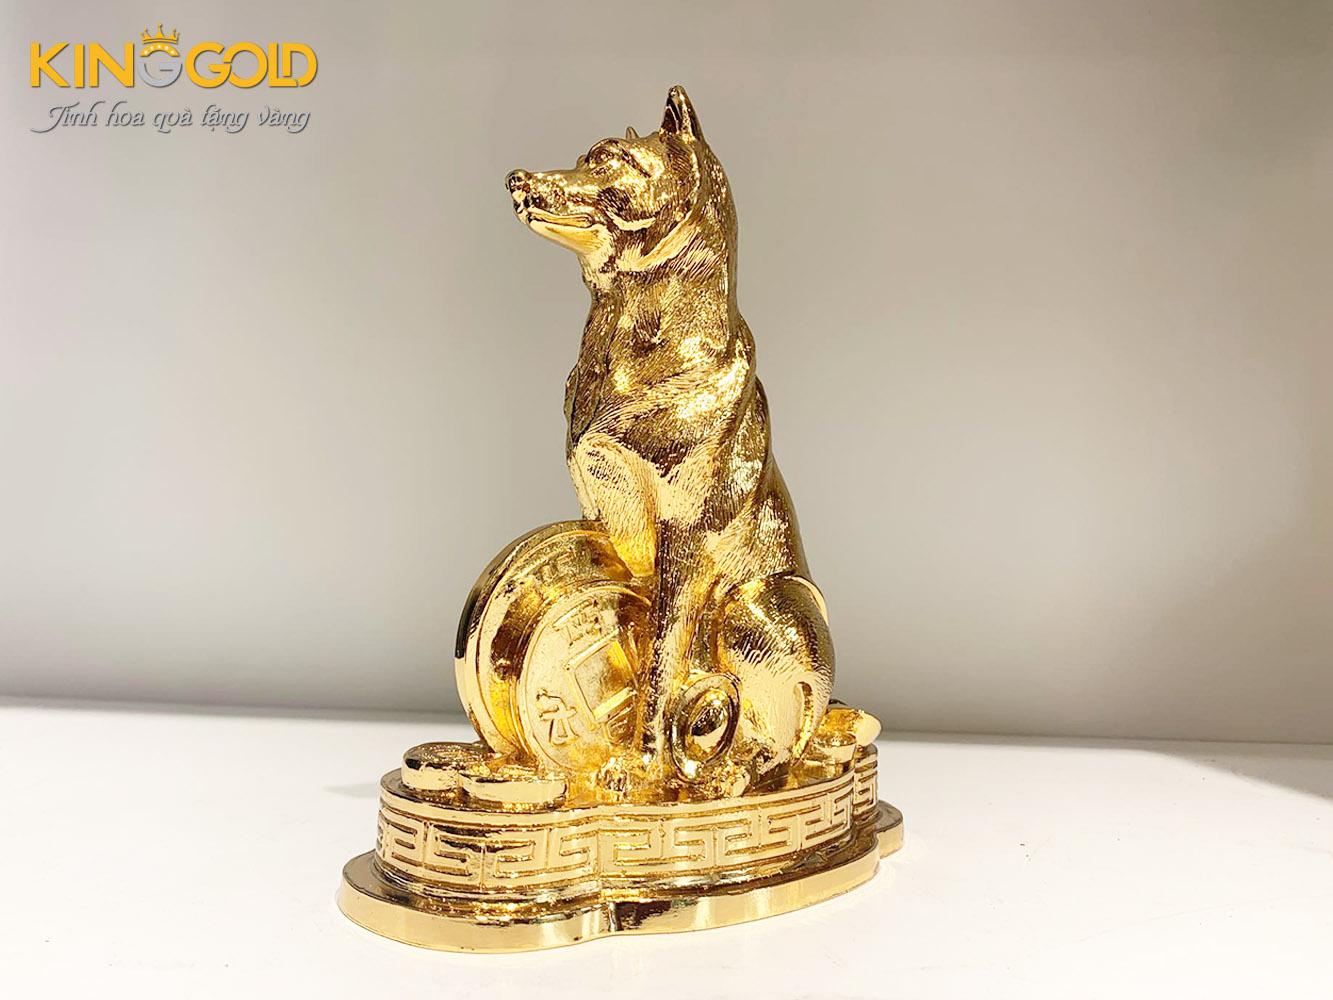 Tượng con chó bằng đồng mạ vàng biểu tượng cho sự trung thành